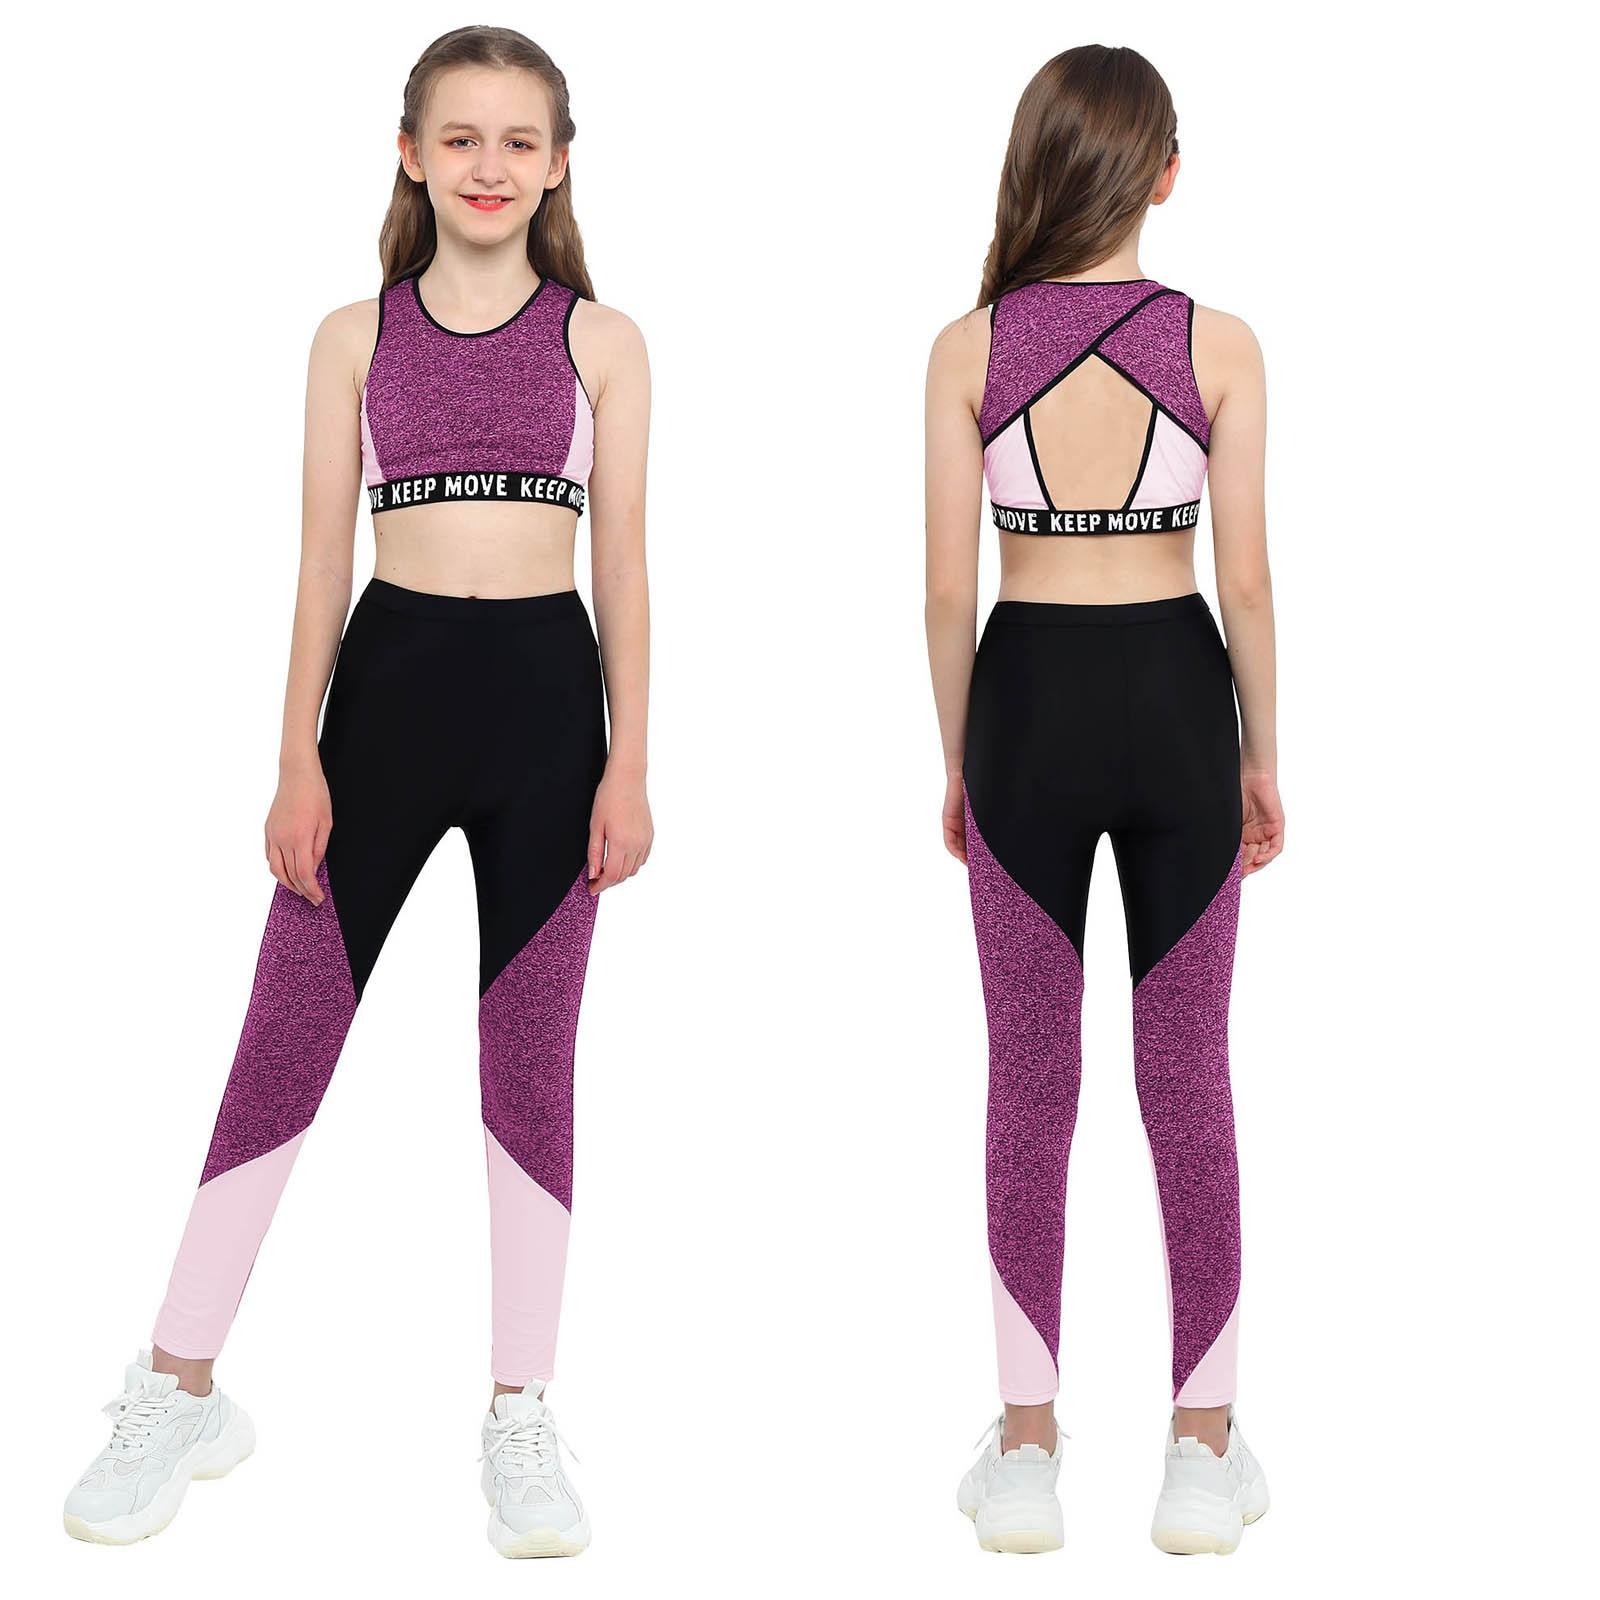 Детские танцевальные майки для девочек, комплект из бюстгальтера и леггинсов для бега, бега, тренировок, гимнастики